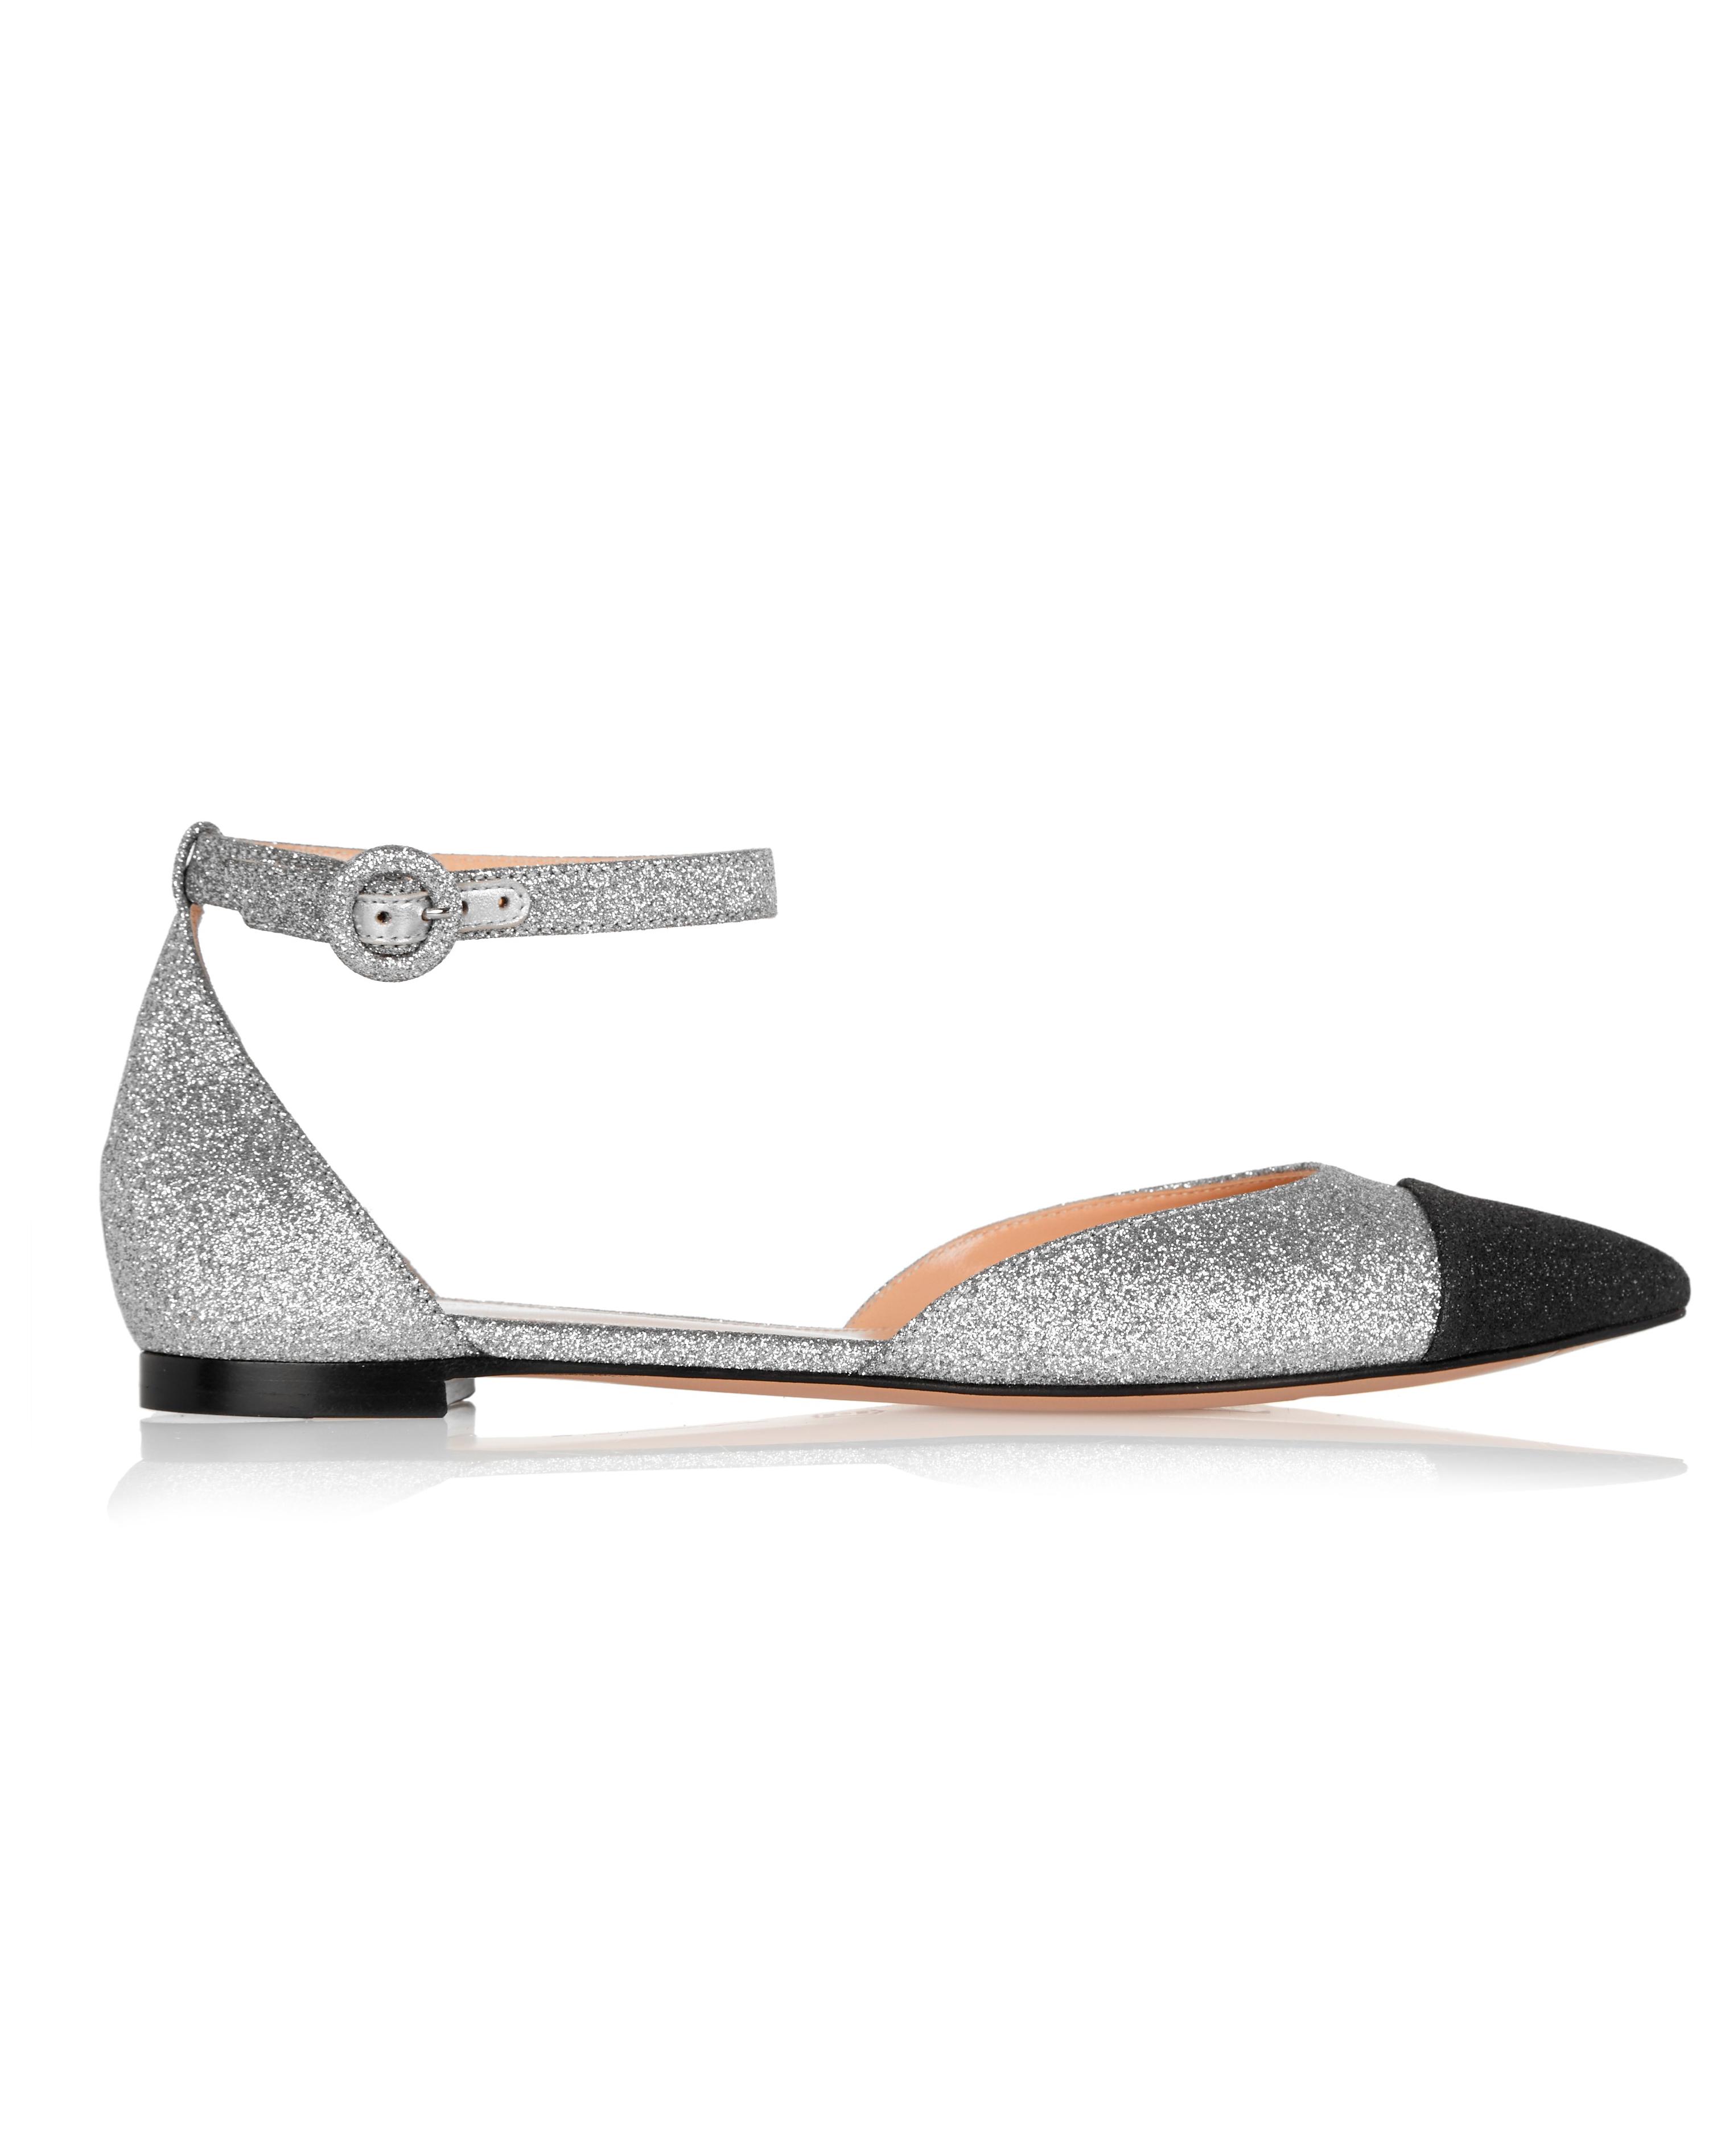 sparkly-accessories-gianvito-rossi-nap-1215.jpg